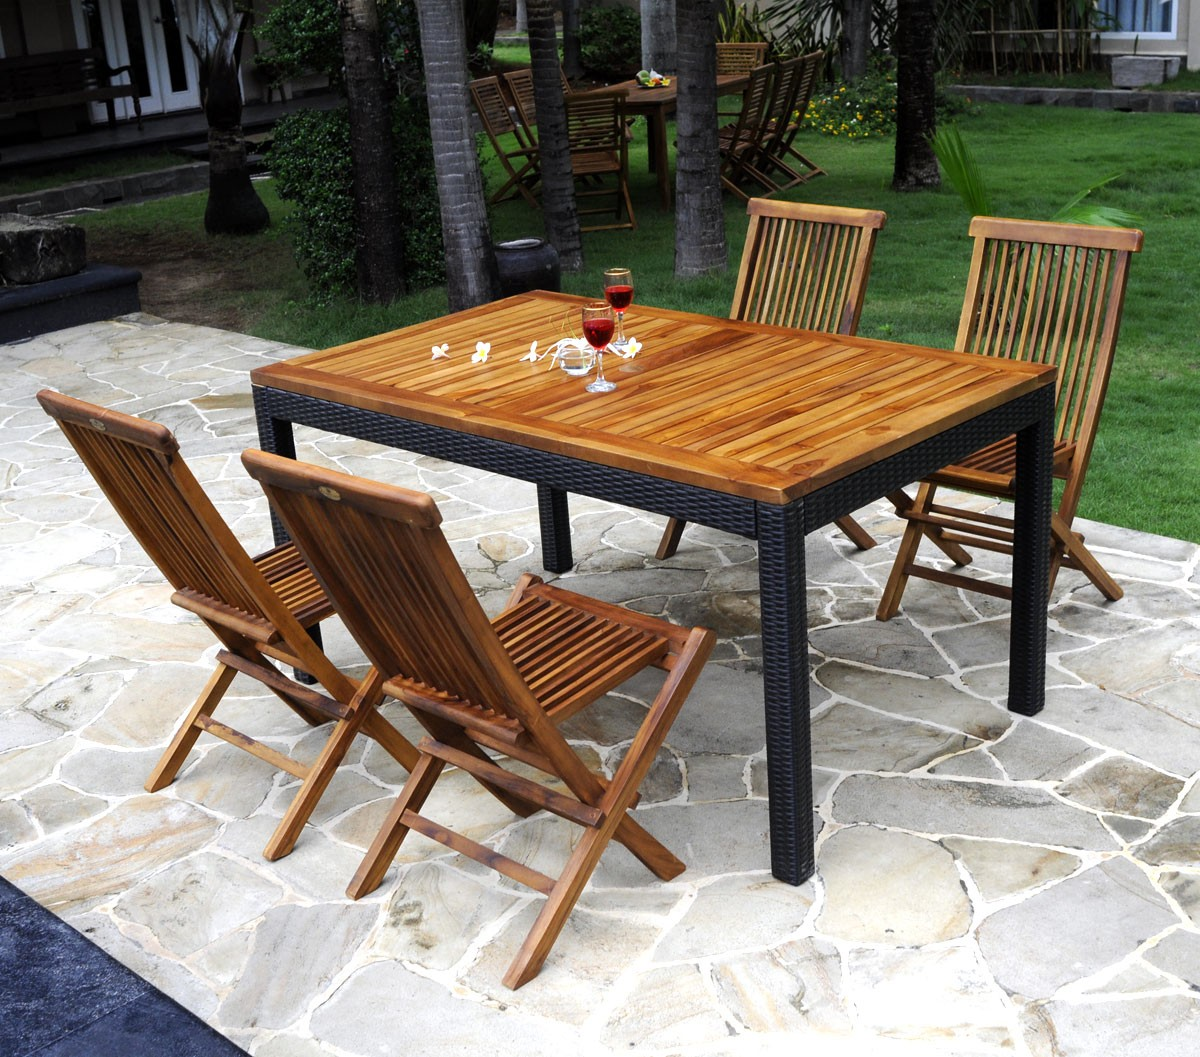 Un ensemble complet en r sine tress e de 4 chaises et une table en teck - Table chaise resine tressee ...